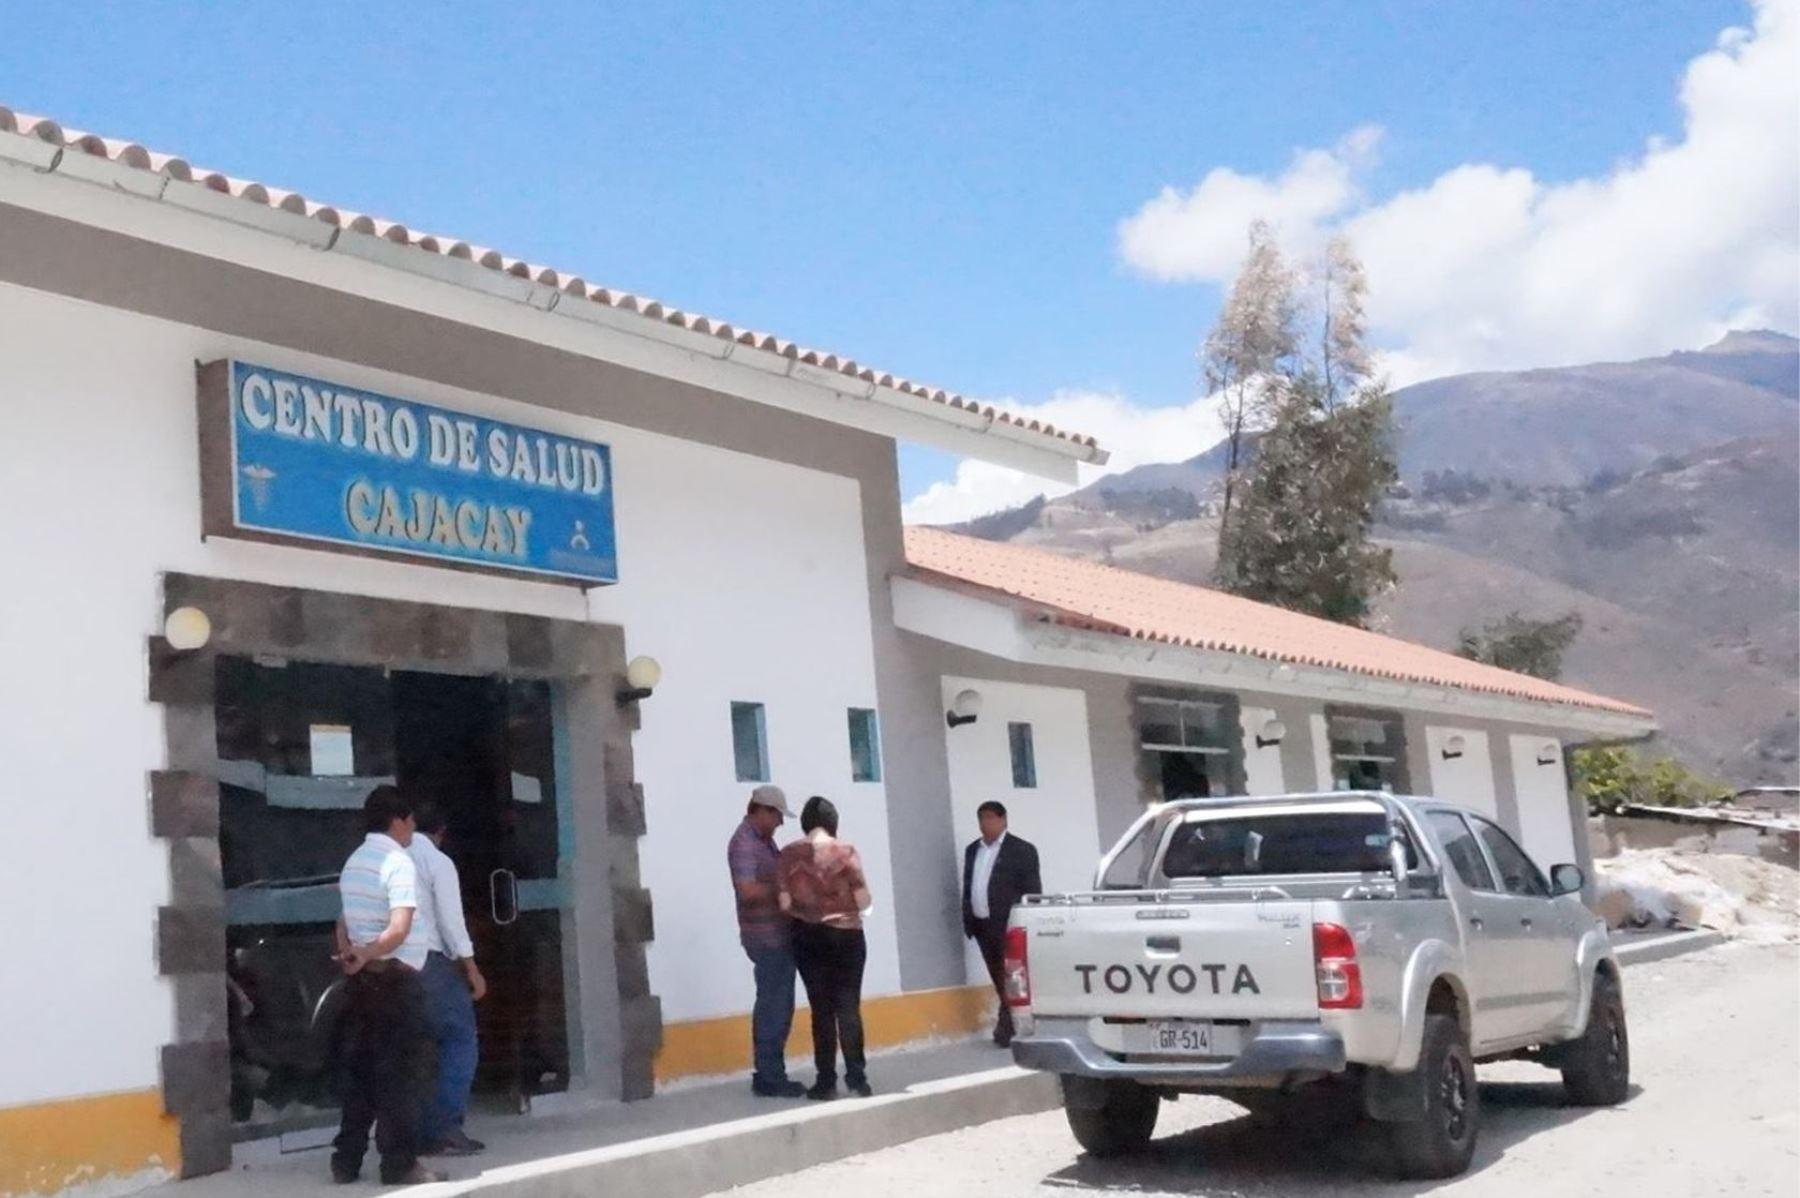 Un sismo de magnitud 3.7 se registró a las 16:58 horas en el distrito de Cajacay, región Áncash. Foto: ANDINA/Difusión